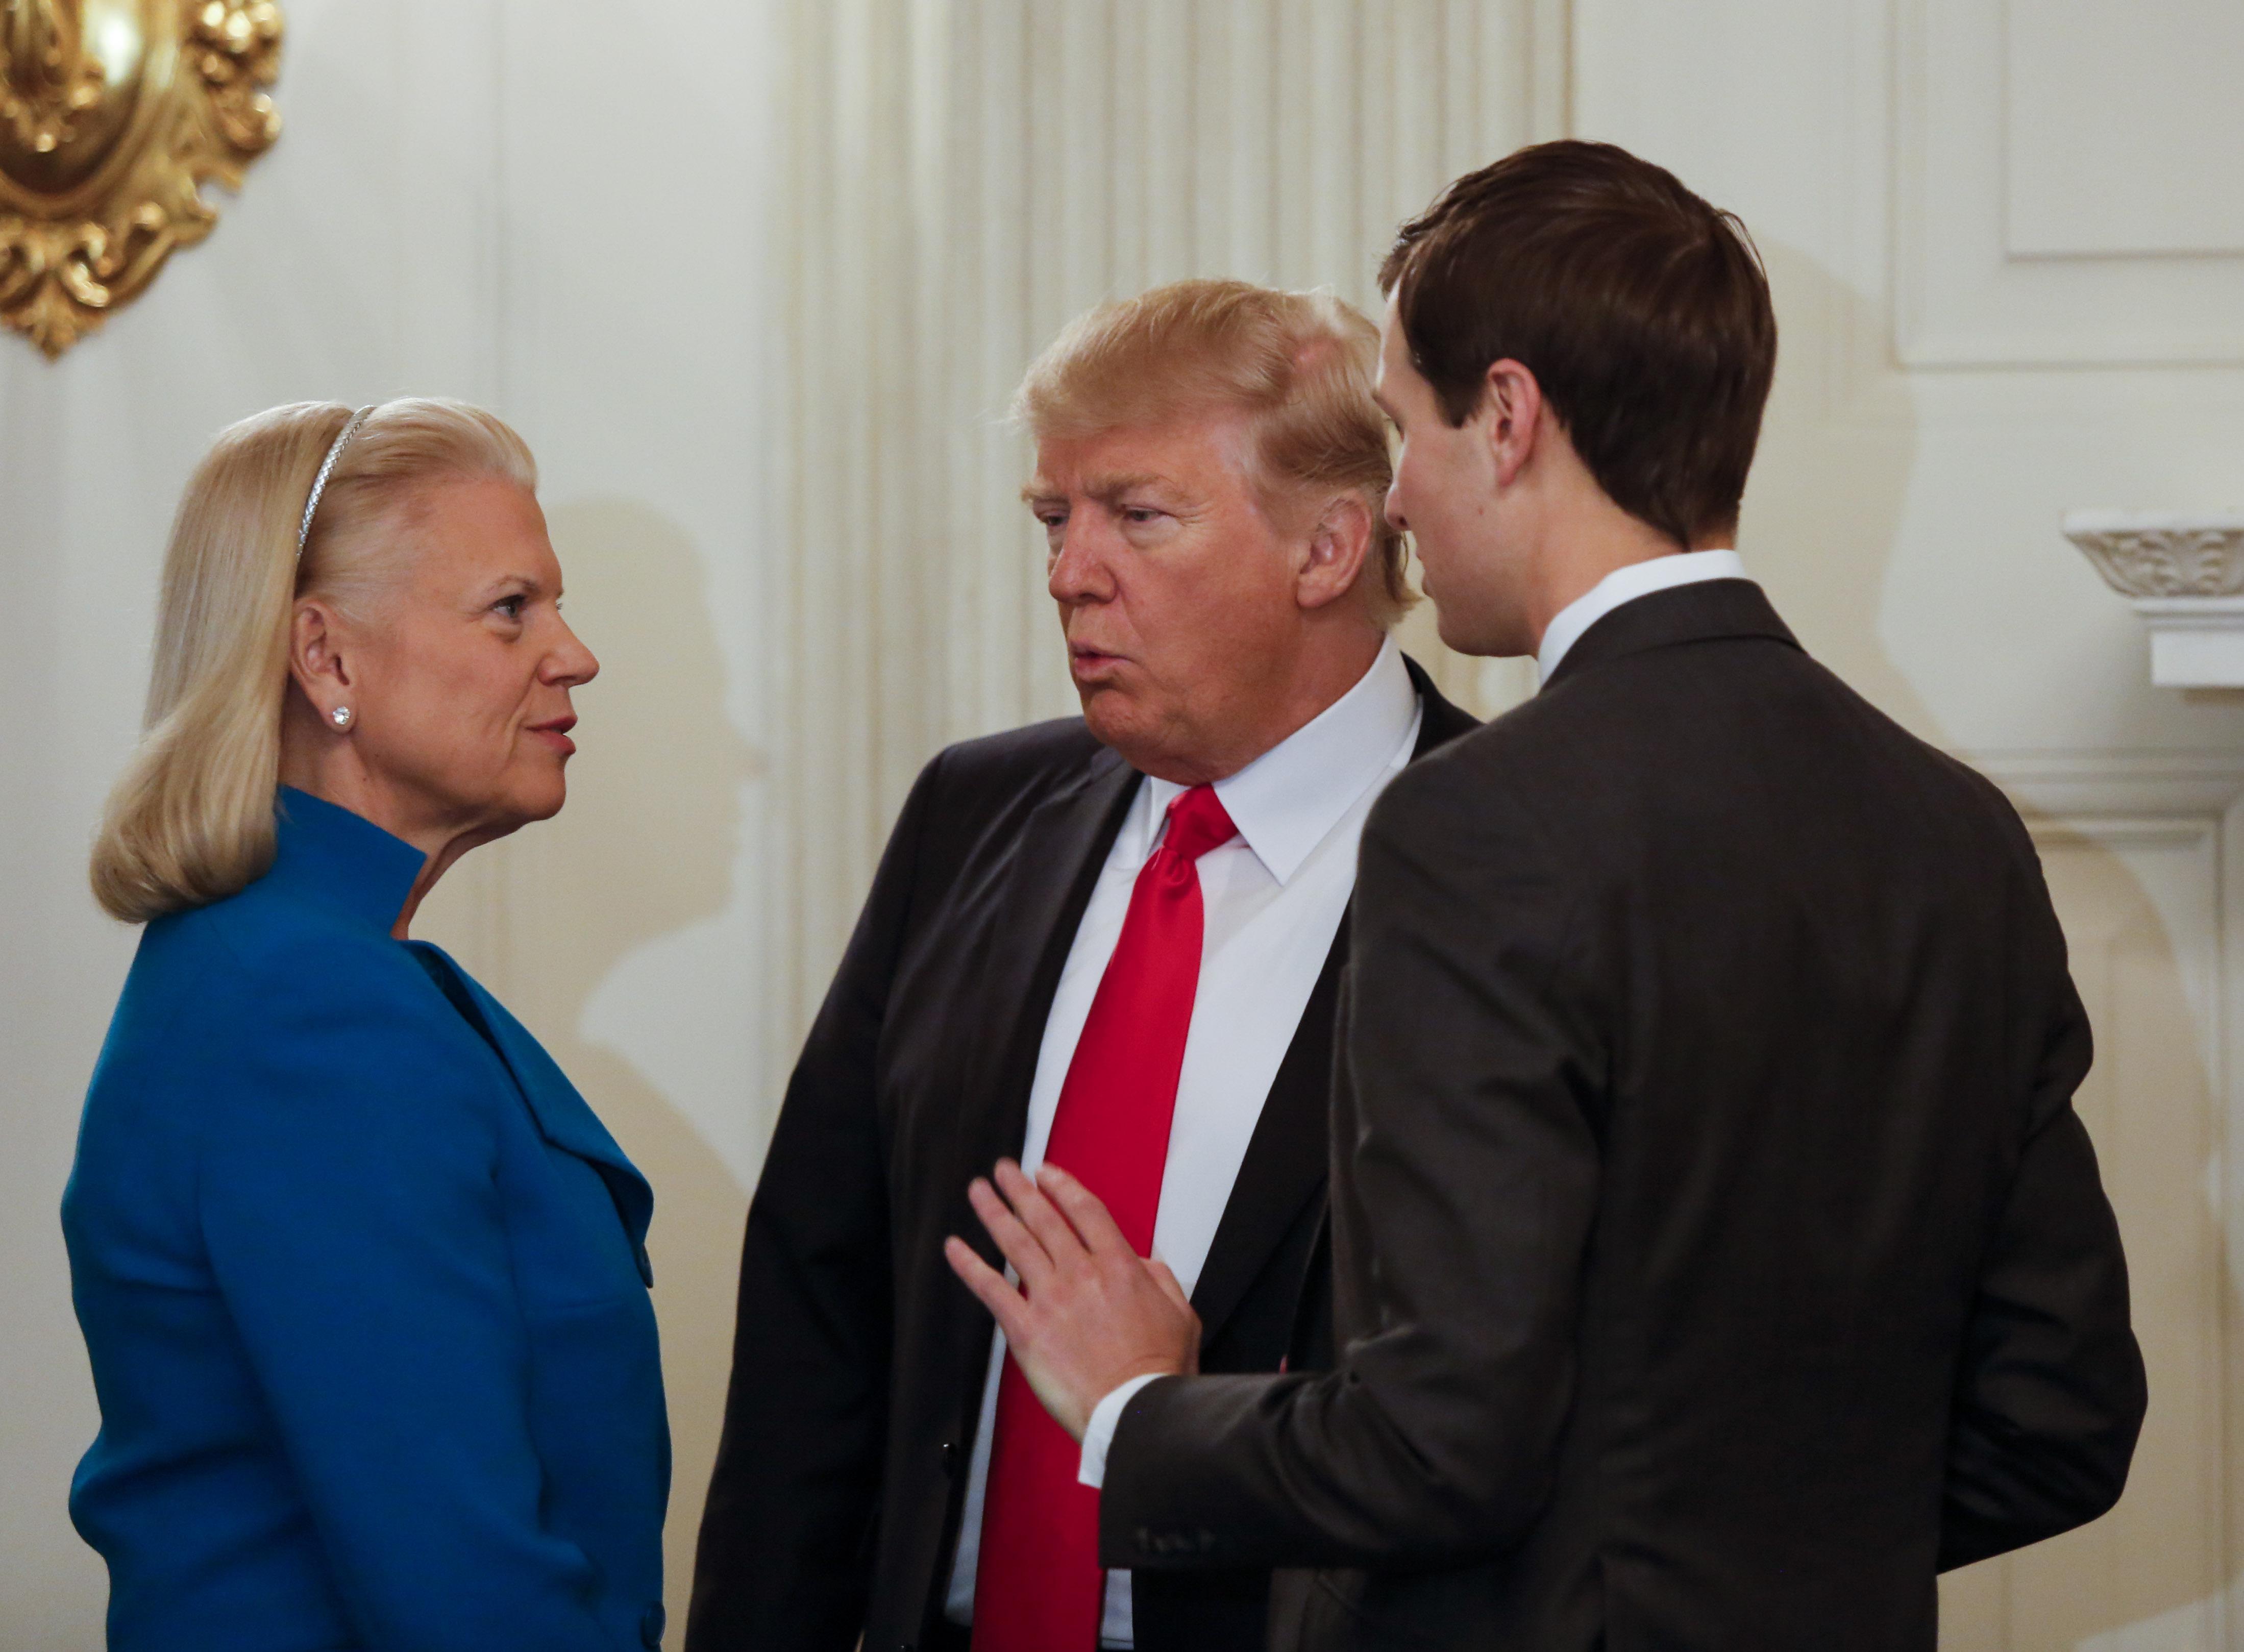 Donald Trump signs an Executive Order